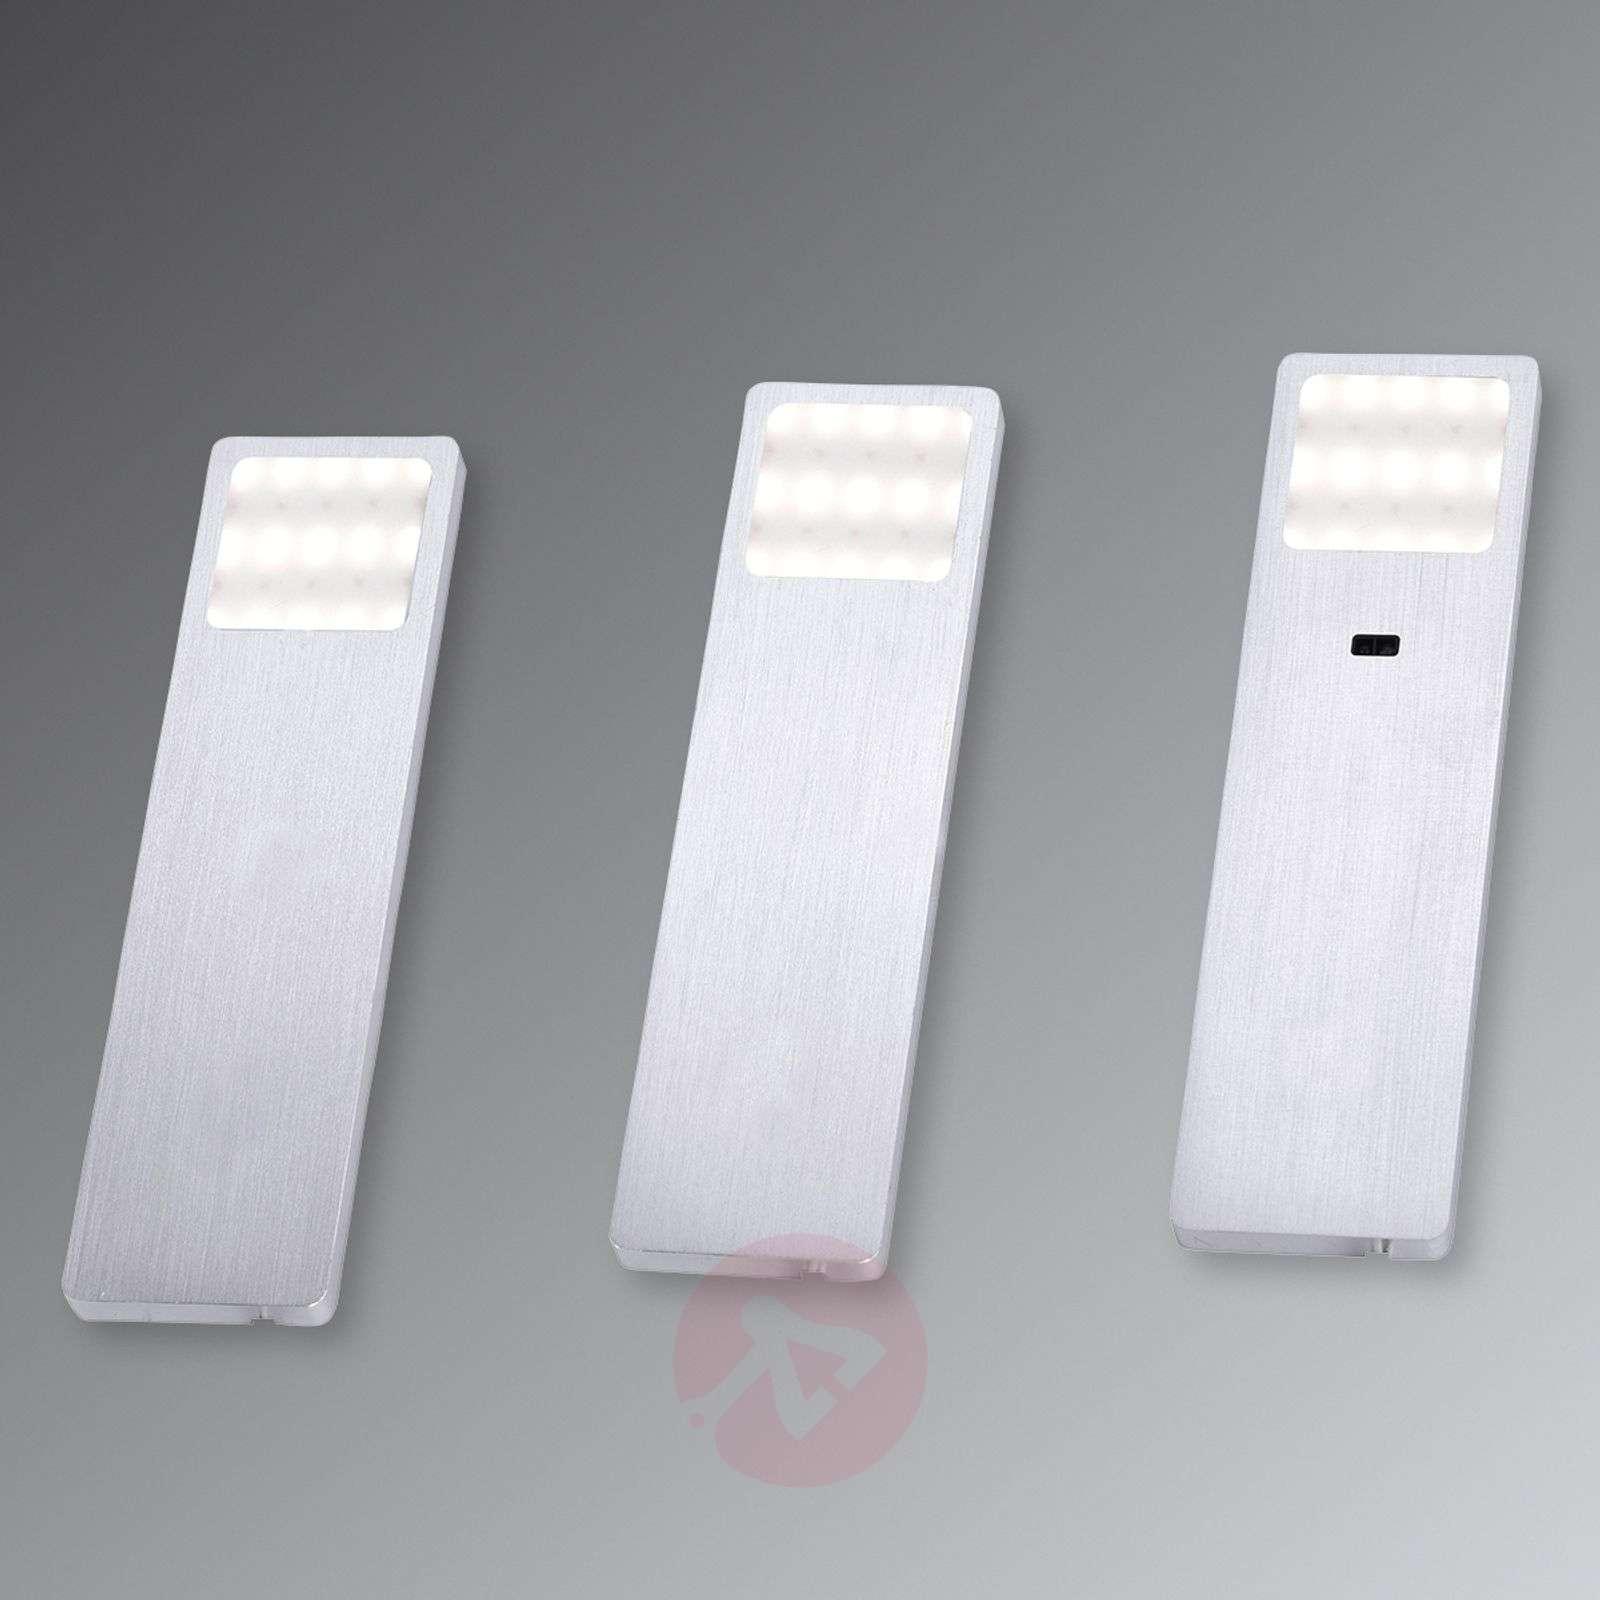 LED-kaapinalusvalaisin Helena 3:n setti anturi 5cm-7610576-07